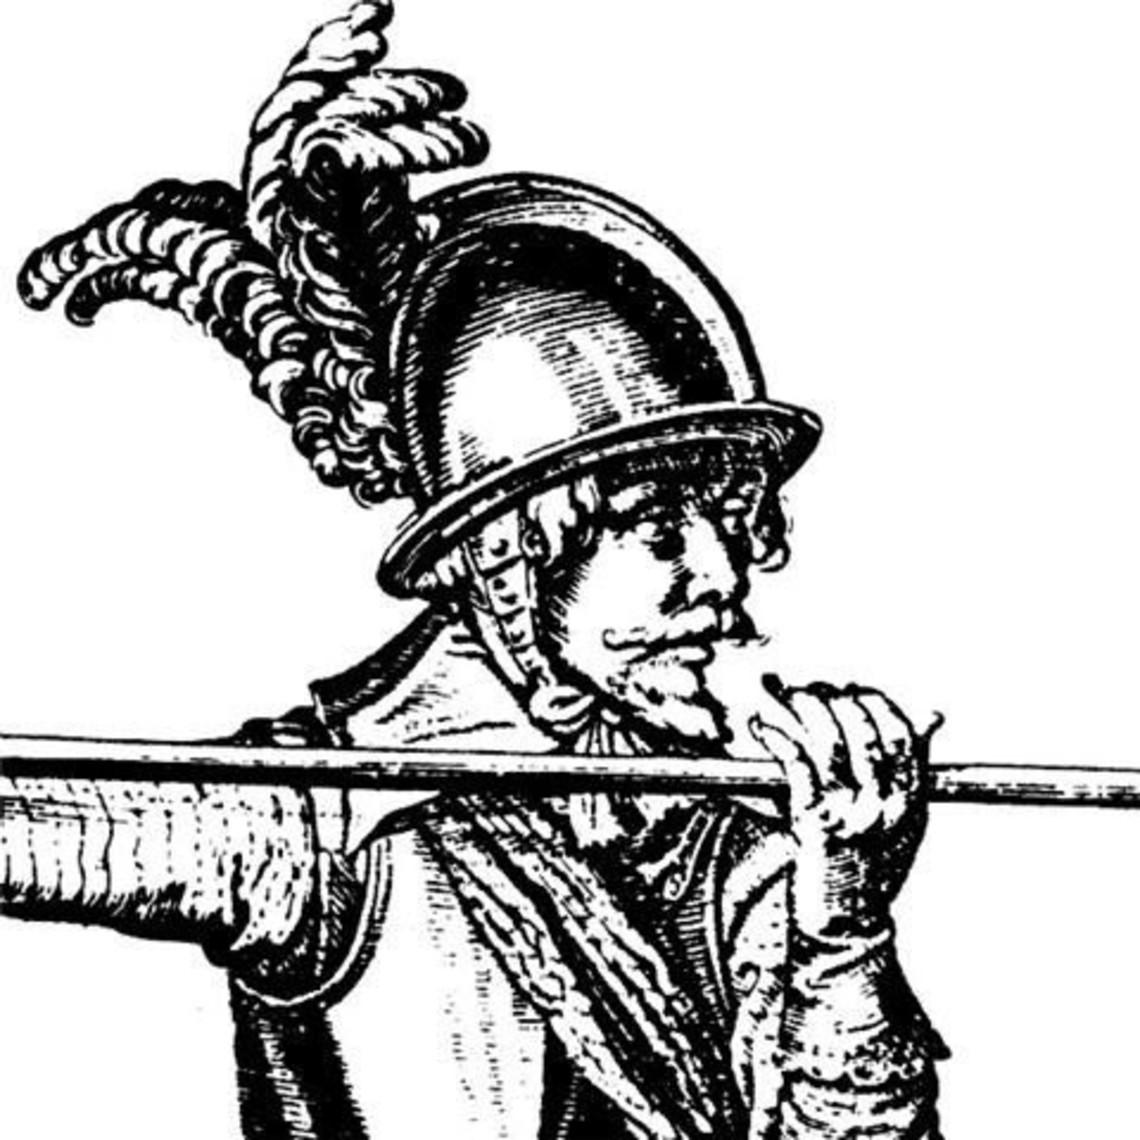 Marshal Historical Casco de piqueros del siglo XVII